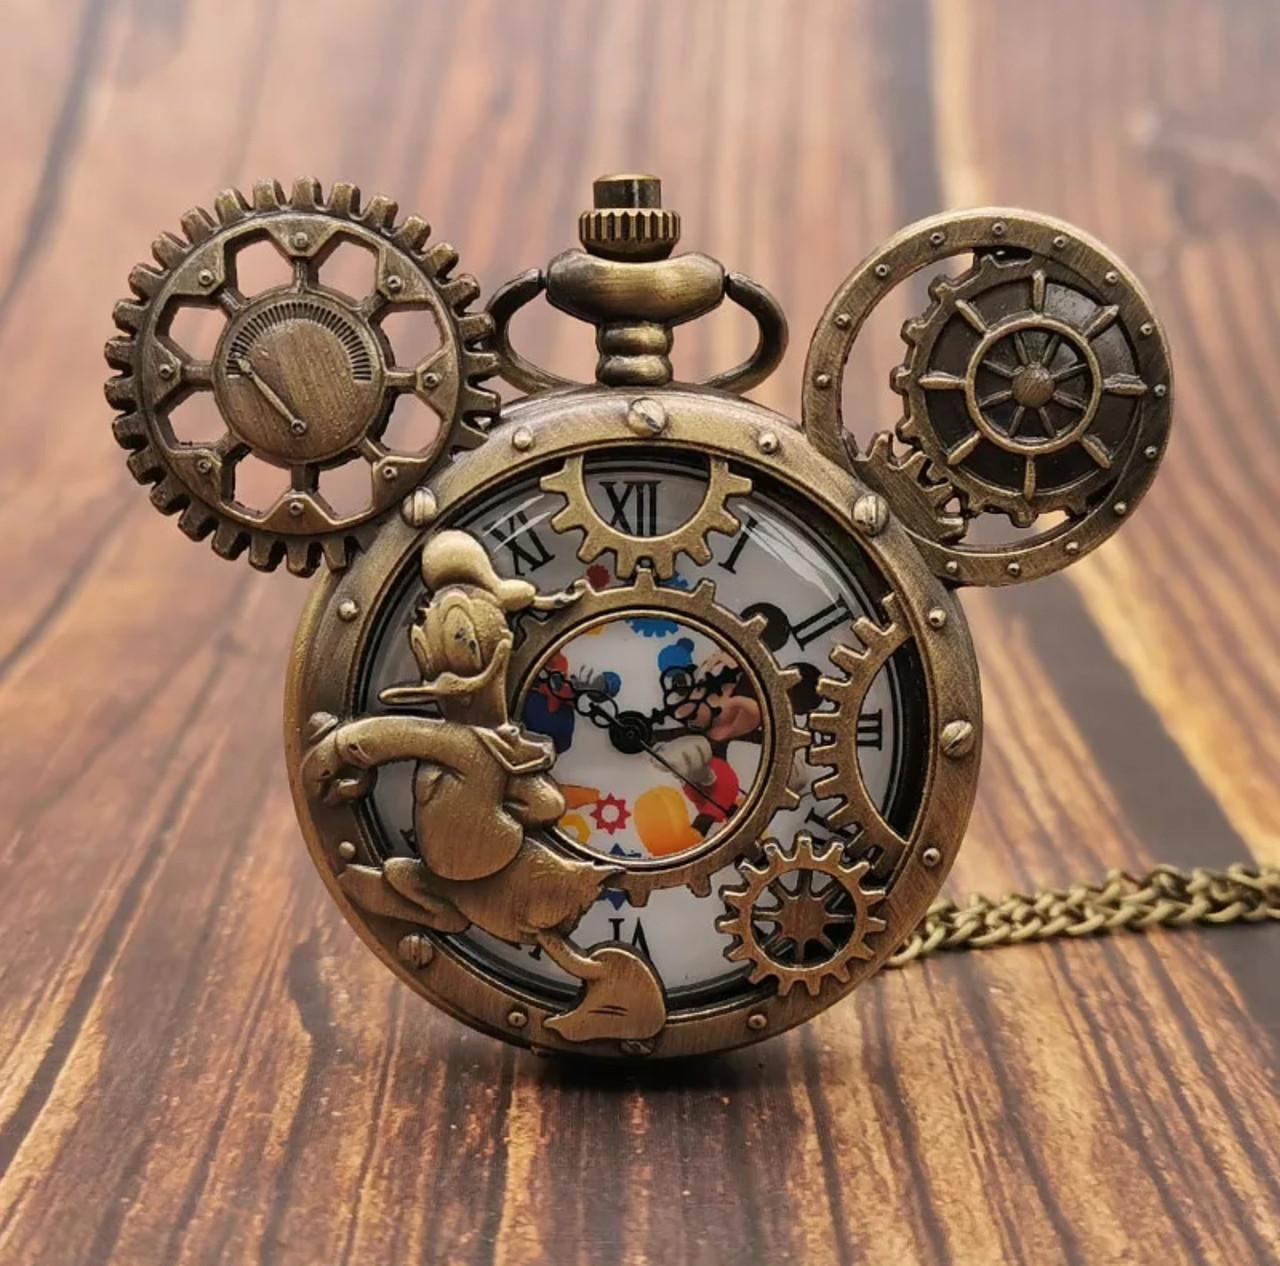 Мужские часы карманные Микки Маус на цепочке отличный подарок